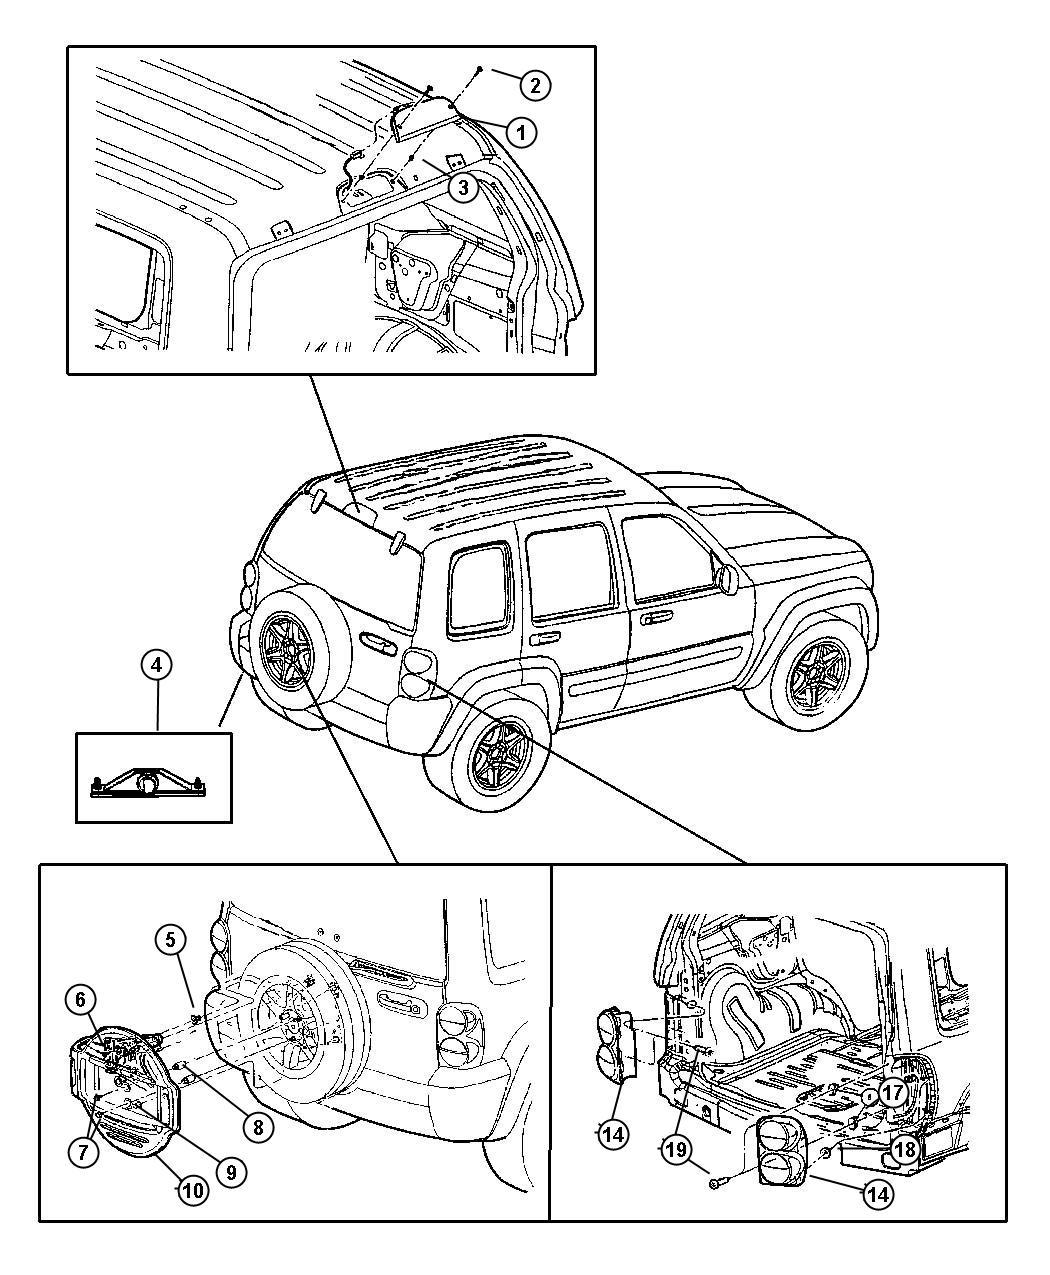 2010 Dodge Grand Caravan Wiring. License lamp. [fascias ...